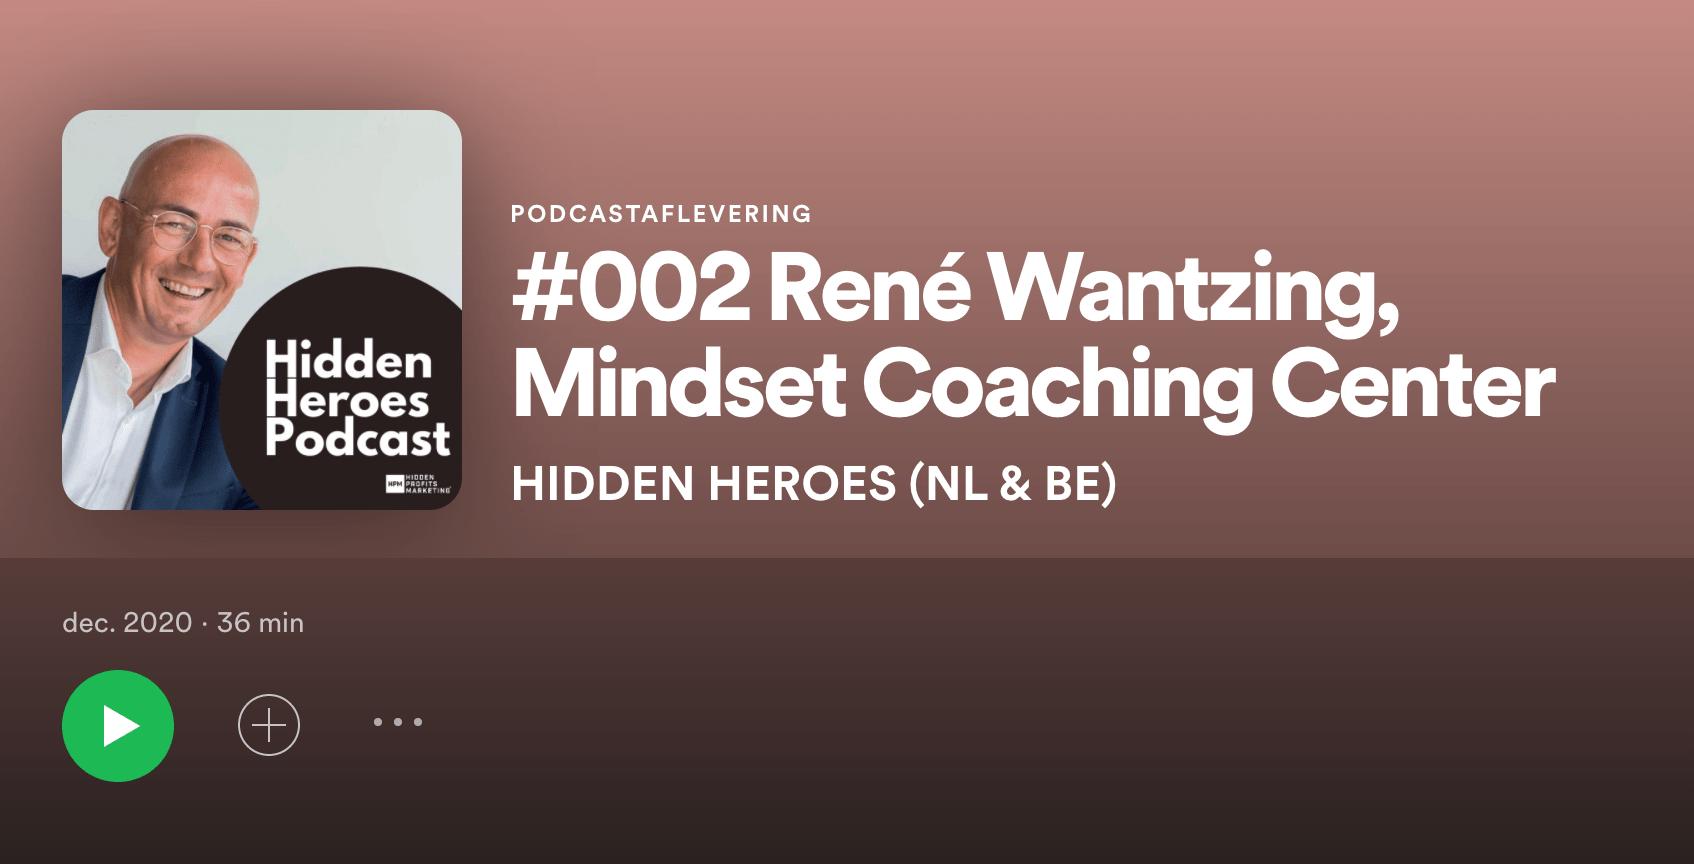 Hidden Heroes Podcast Rene Wantzing